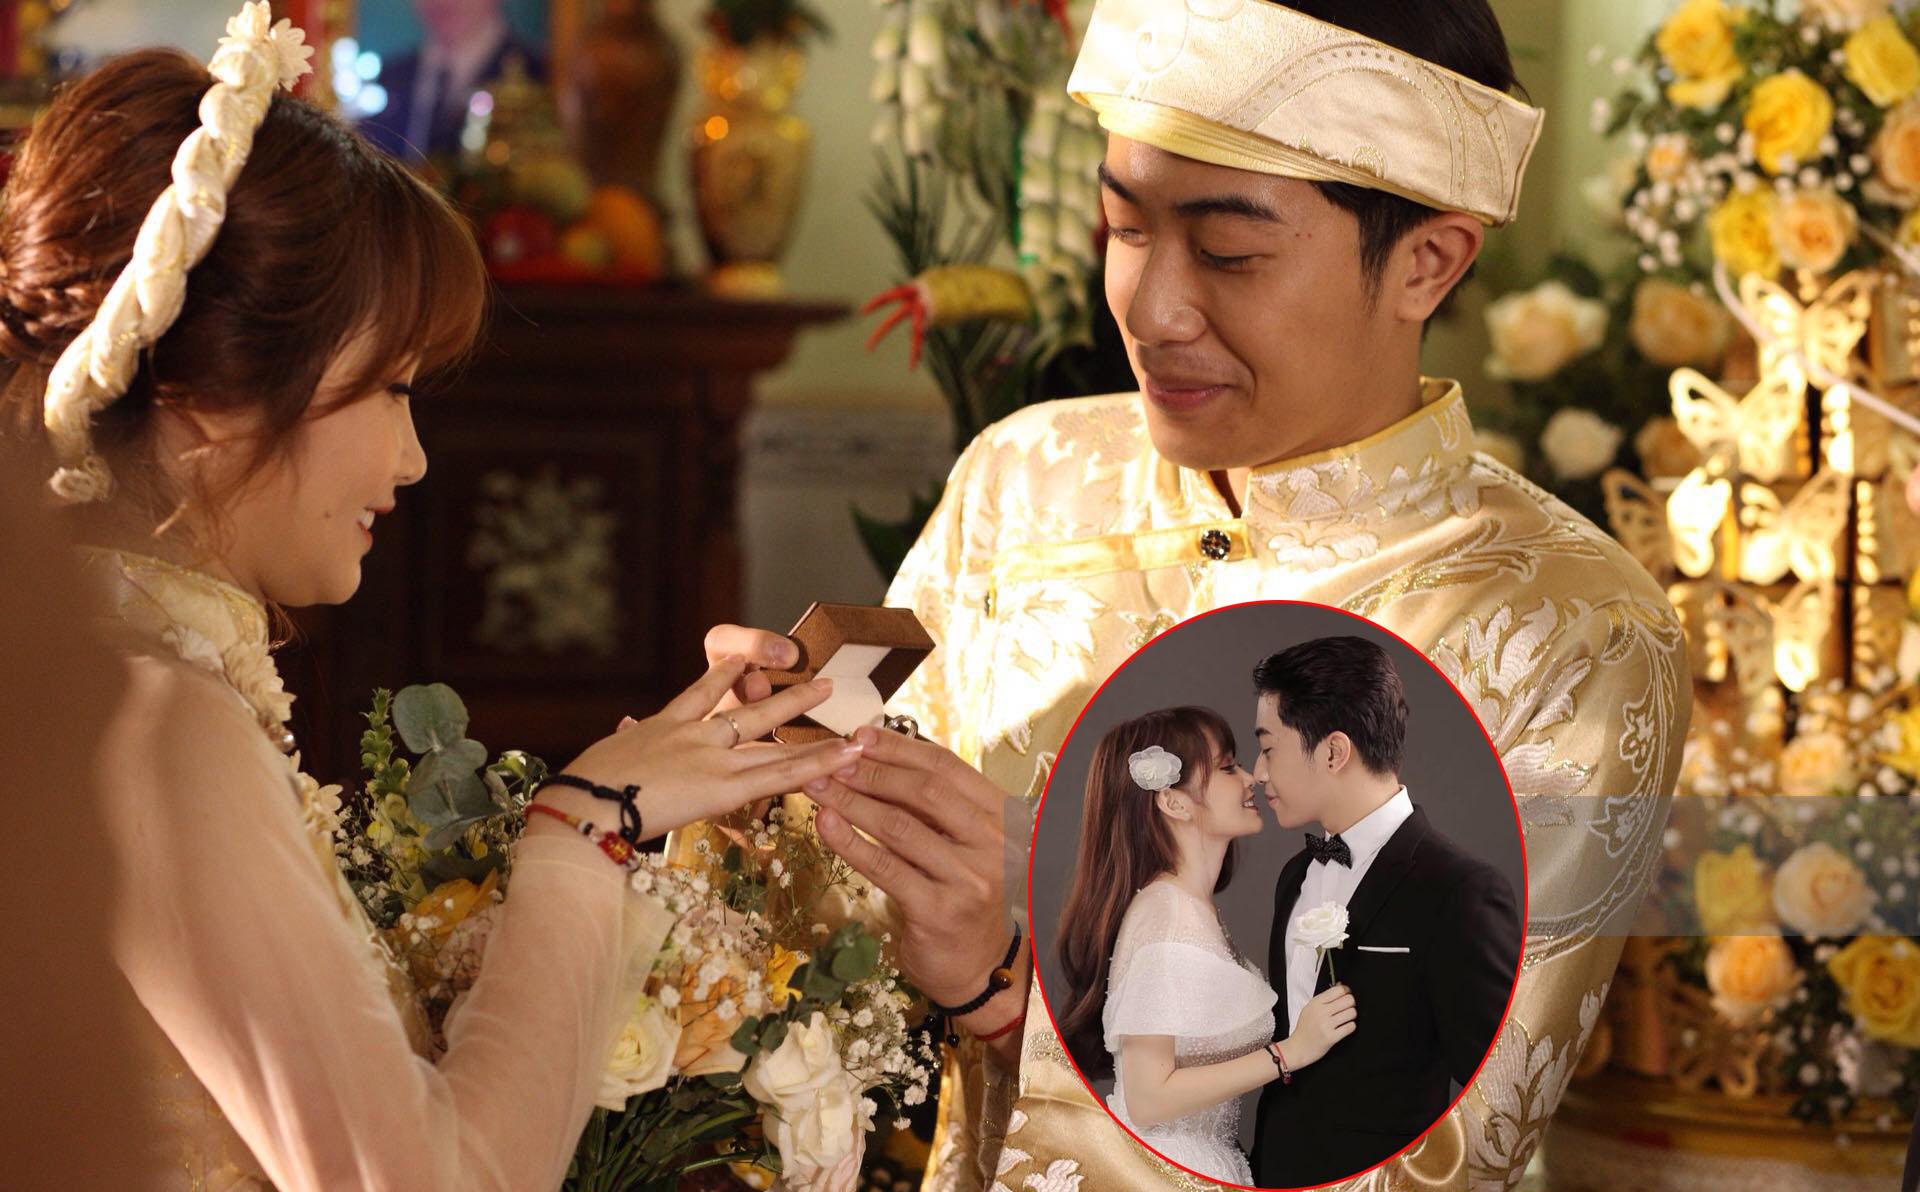 Cris Phan tình tứ trao nhẫn cho cô dâu, cặp hot Youtuber và hot girl chính thức là vợ chồng